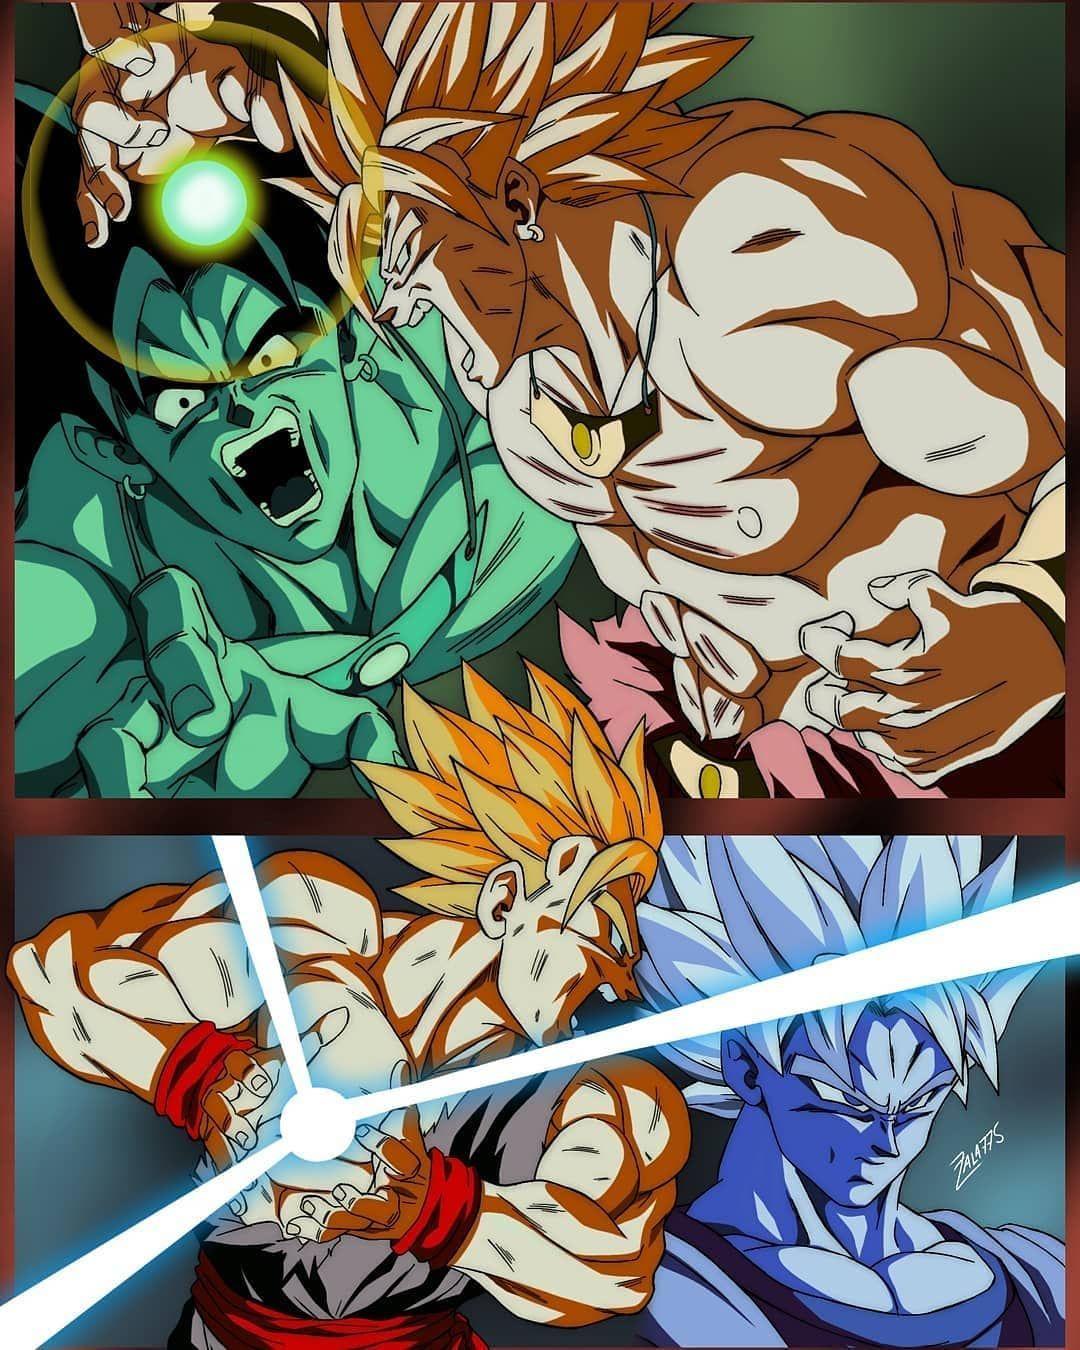 447 Me Gusta 4 Comentarios Dragon Ball Latam Artist Artista Latino En Instagram El Regreso Dibujo De Goku Personajes De Goku Personajes De Dragon Ball